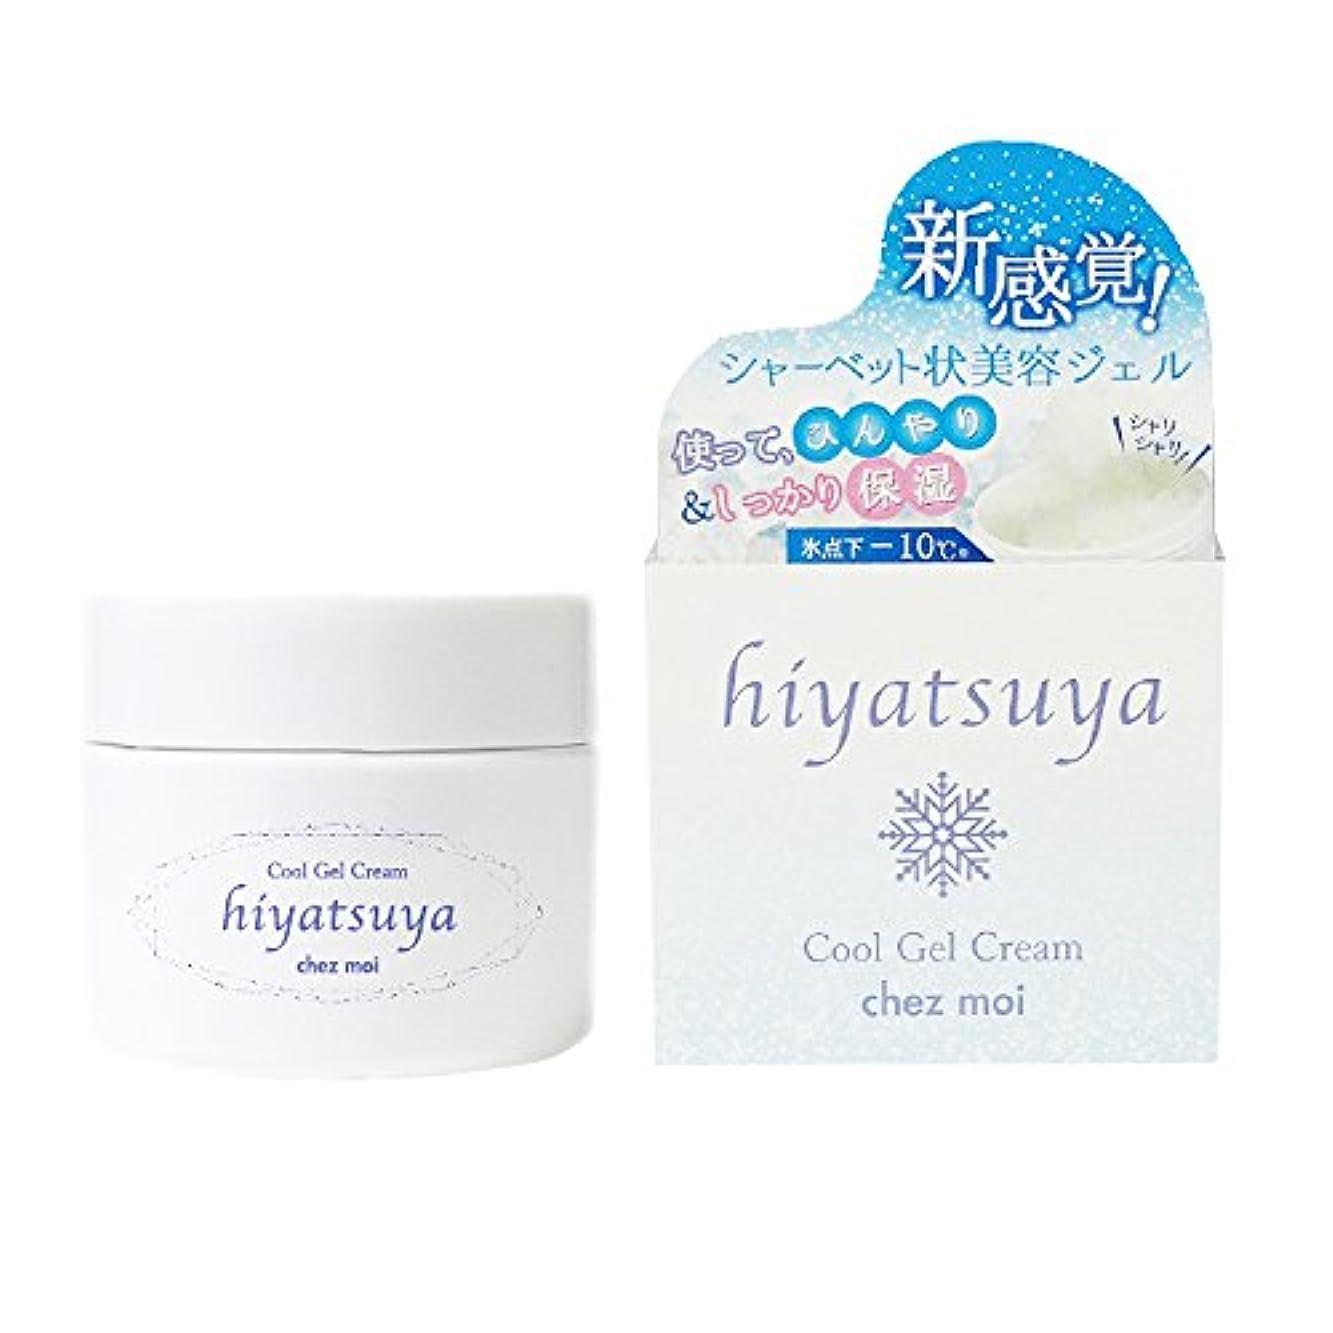 蒸ジーンズ困難シェモア hiyatsuya(ヒヤツヤ) cool gel cream 70g